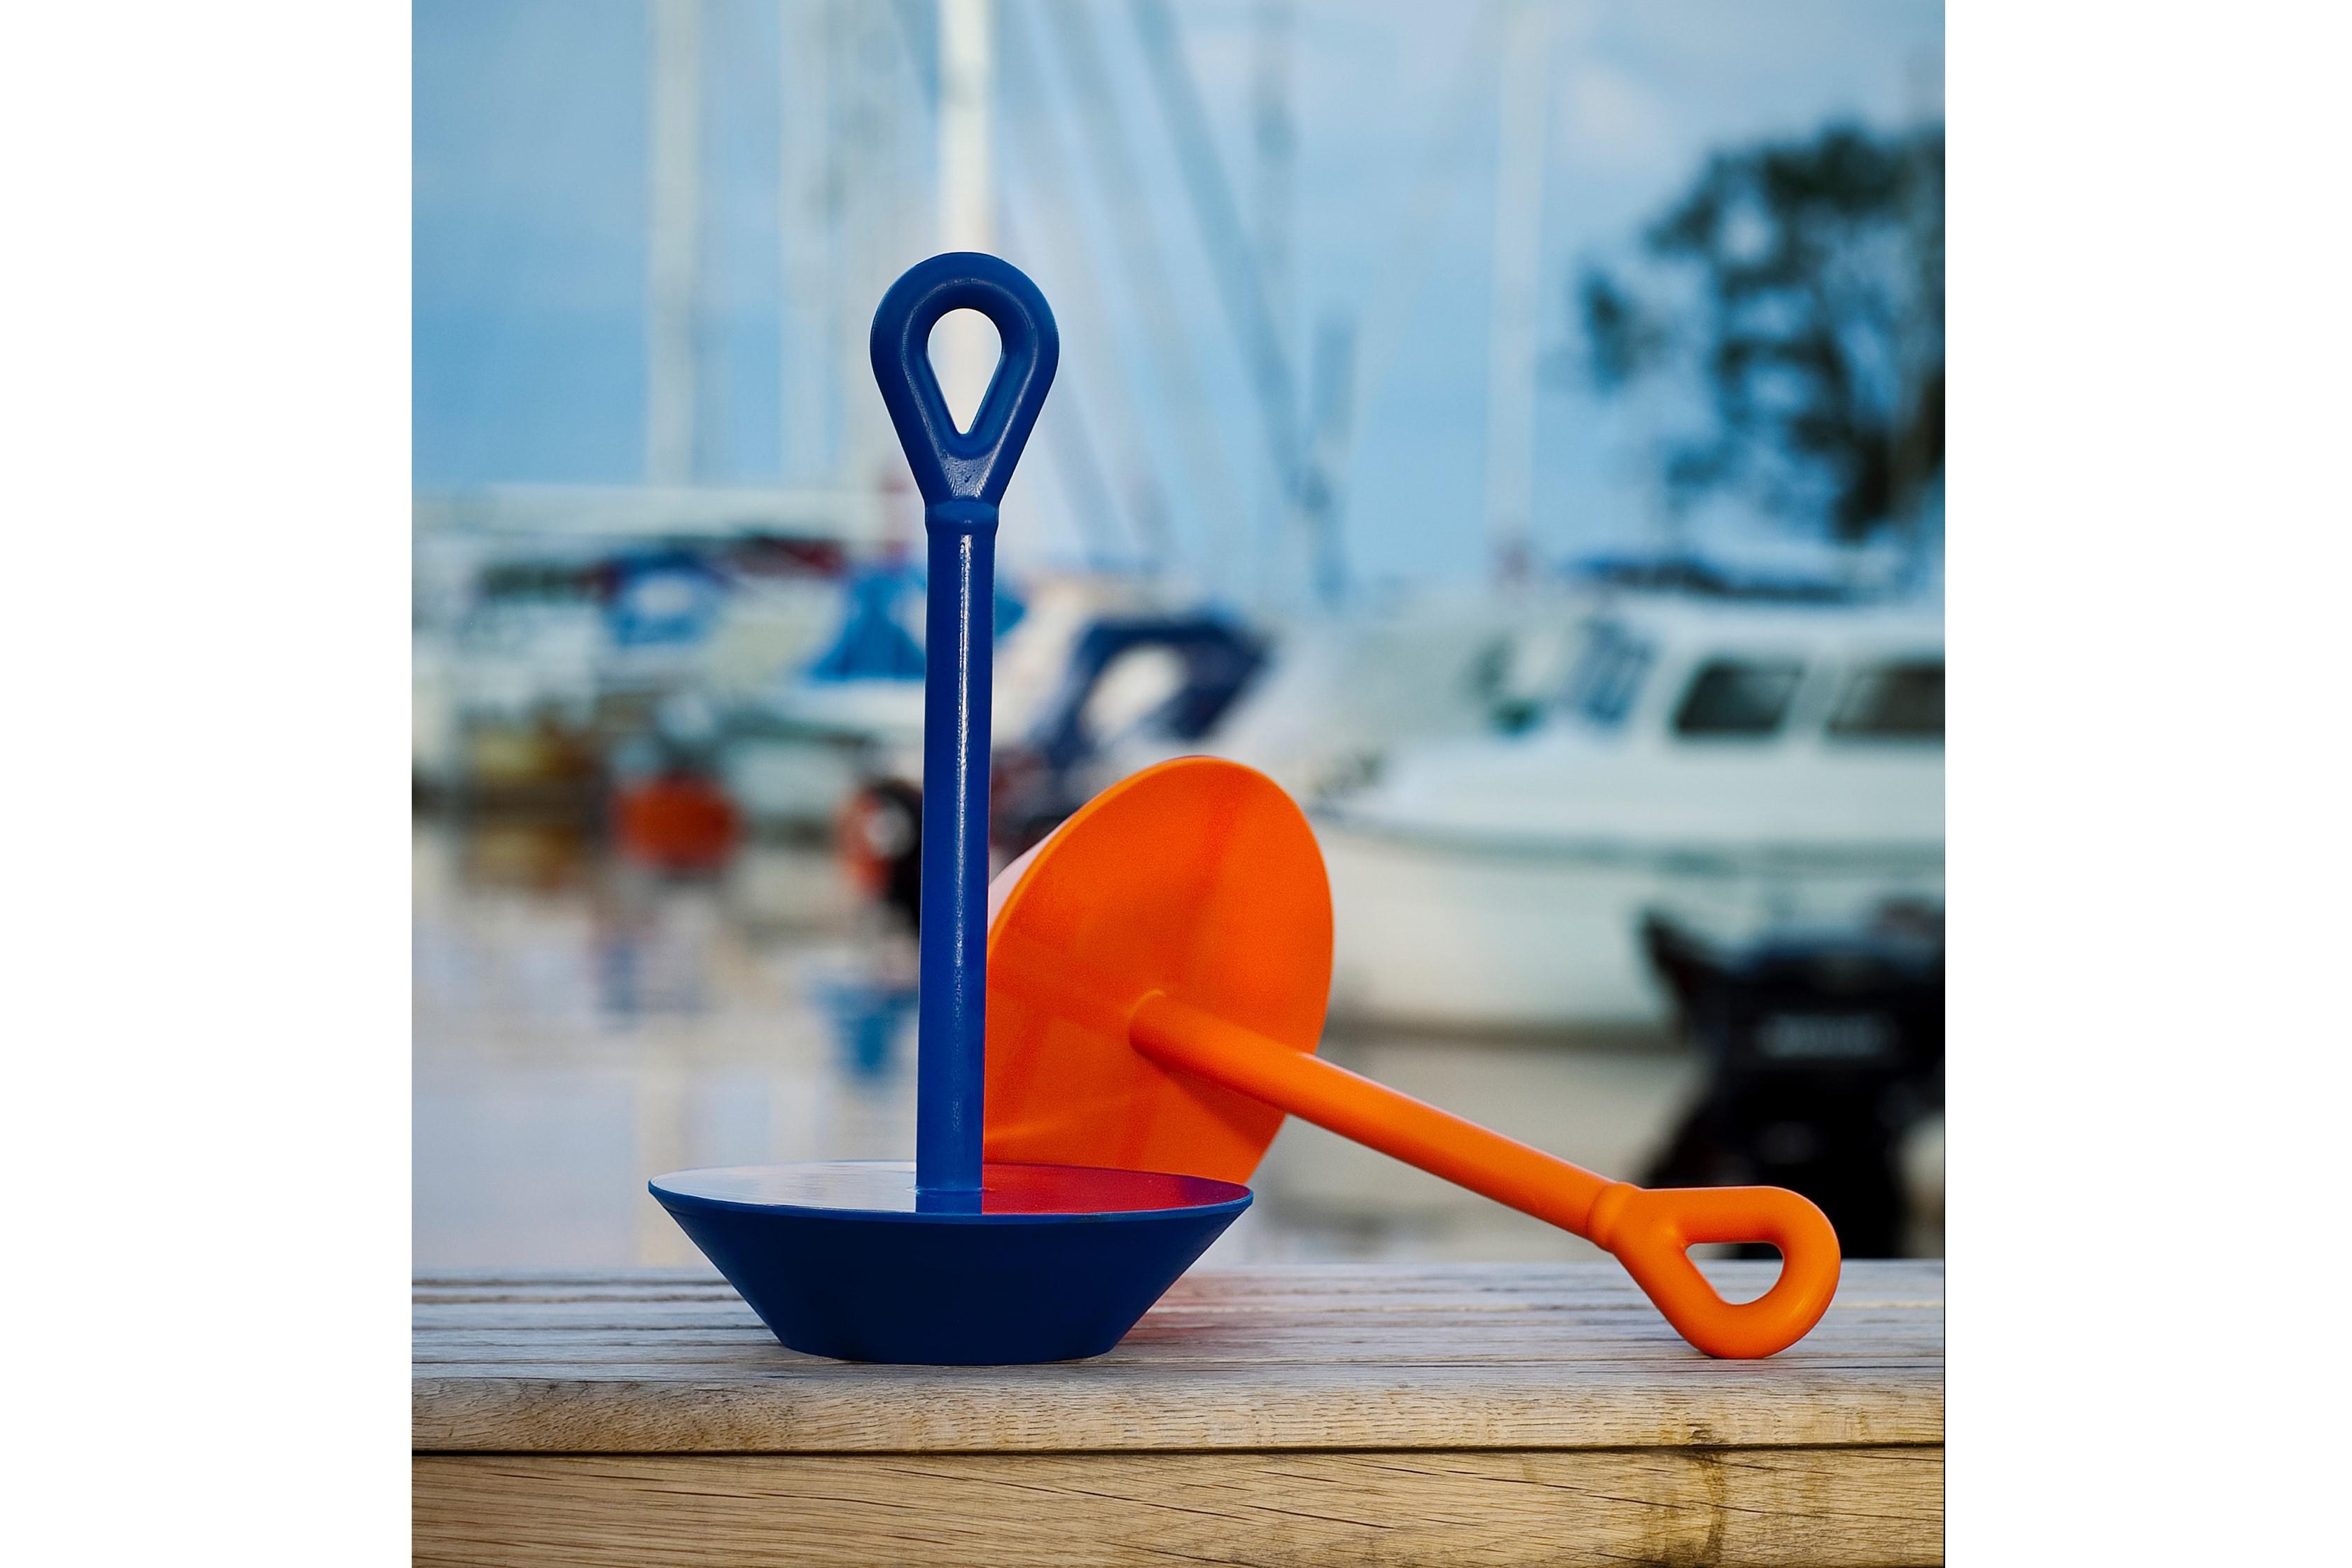 Plate anchor Softdish in solid polyurethane Orange